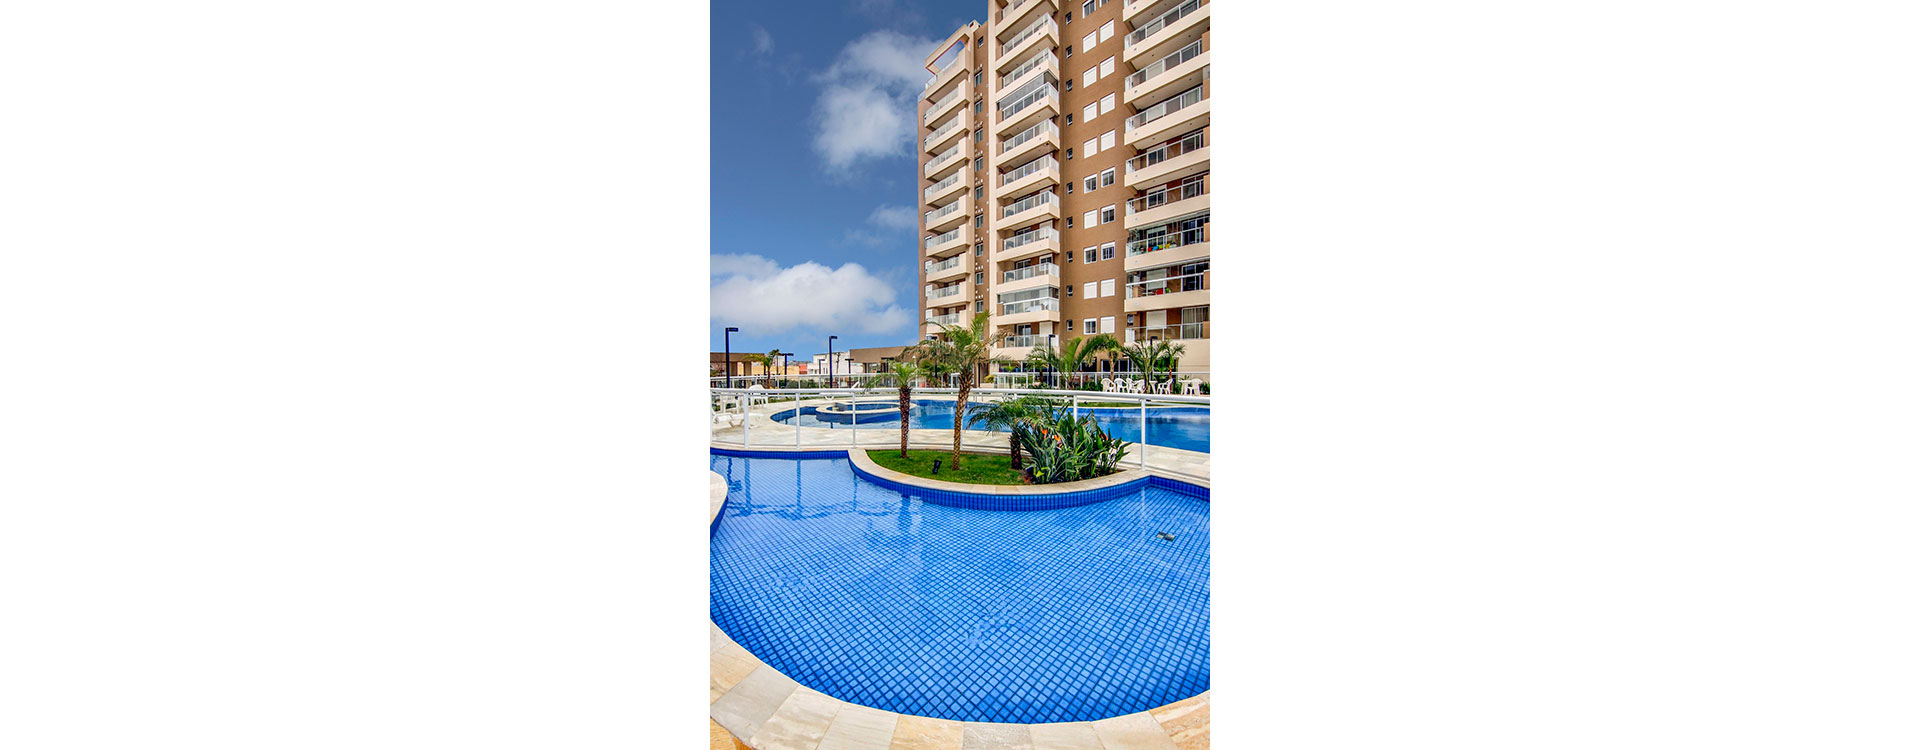 Piscina Resort Itanhaém Condomínio Clube